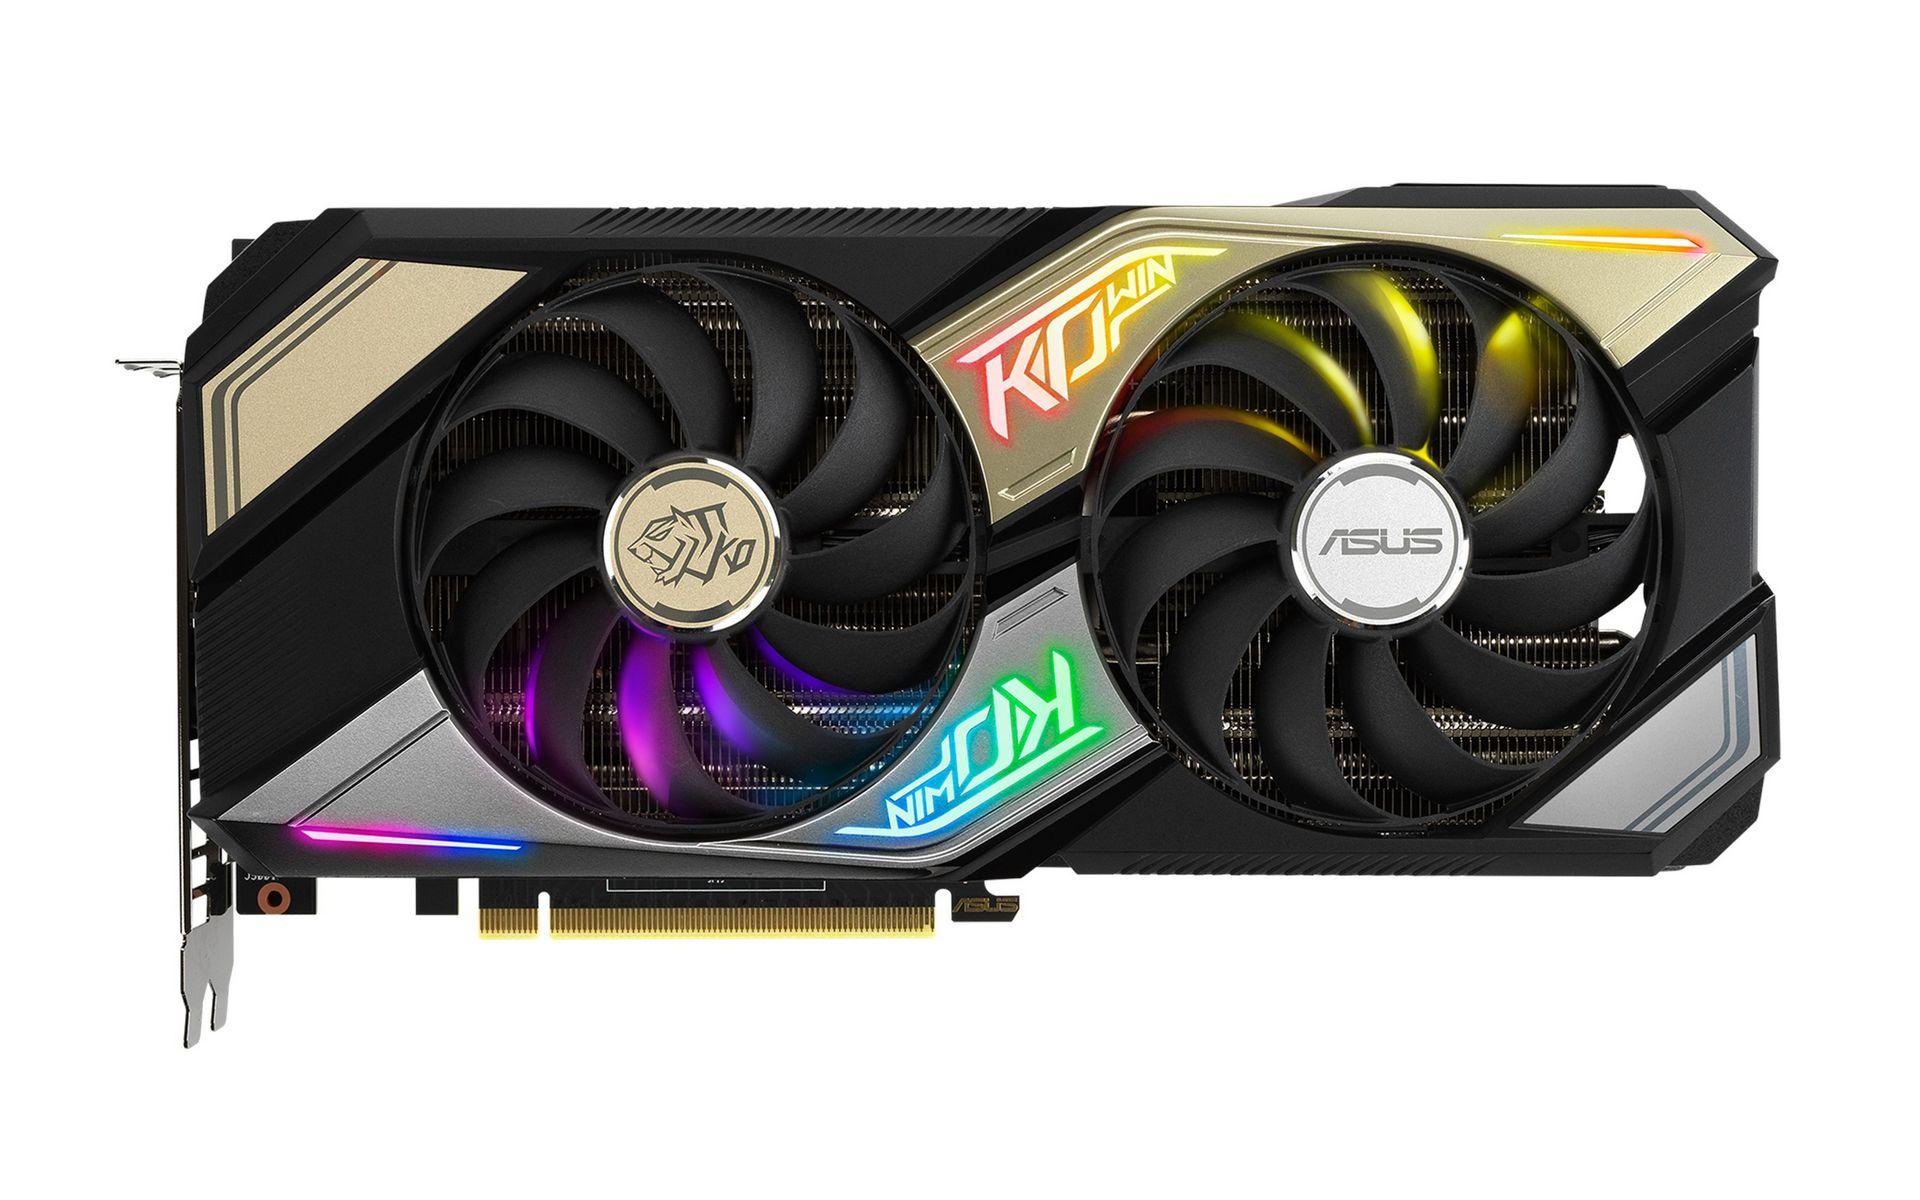 KO GeForce RTX 3070 OC Edition 8GB GDDR6 phong cách thẩm mỹ độc đáo